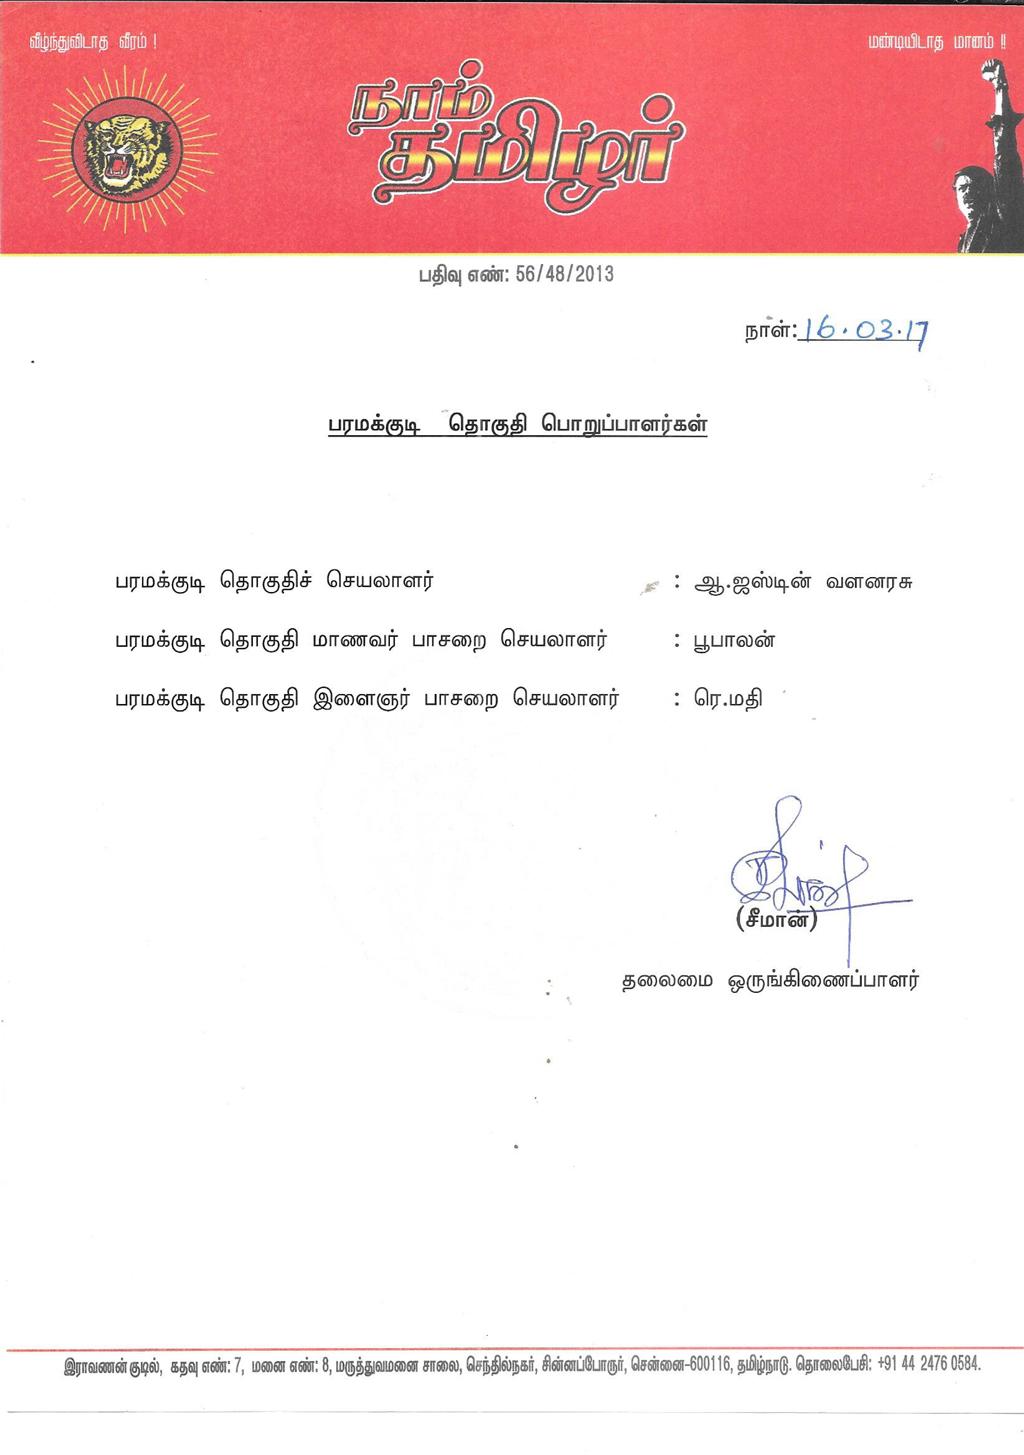 16-03-2017 இராமநாதபுரம் மாவட்டப் பொறுப்பாளர்கள் – தலைமை அறிவிப்பு paramakudi constituency